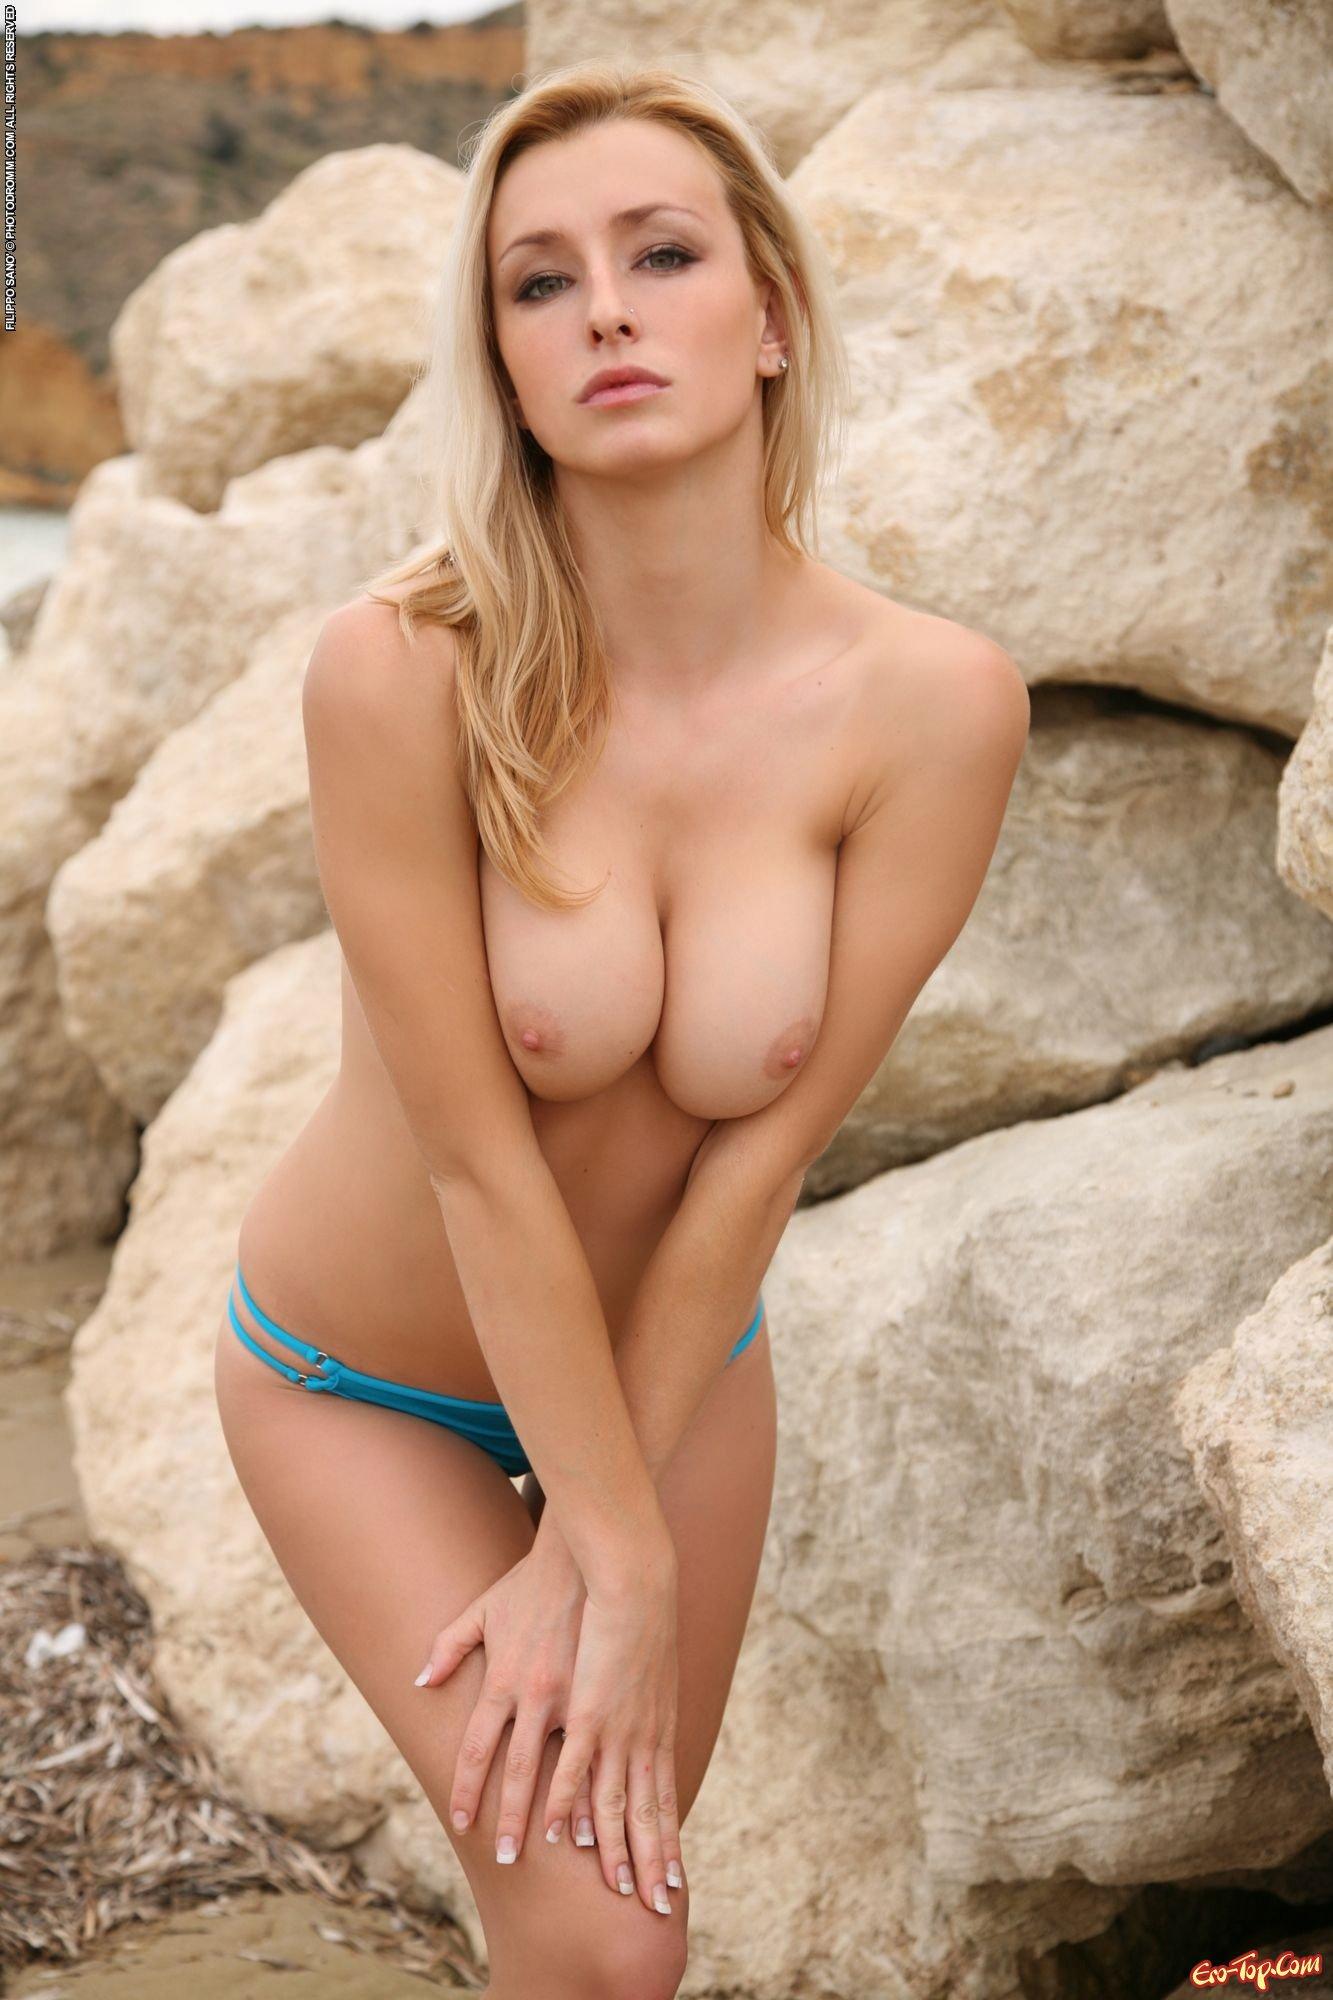 Блондинка с упругим телом на пляже